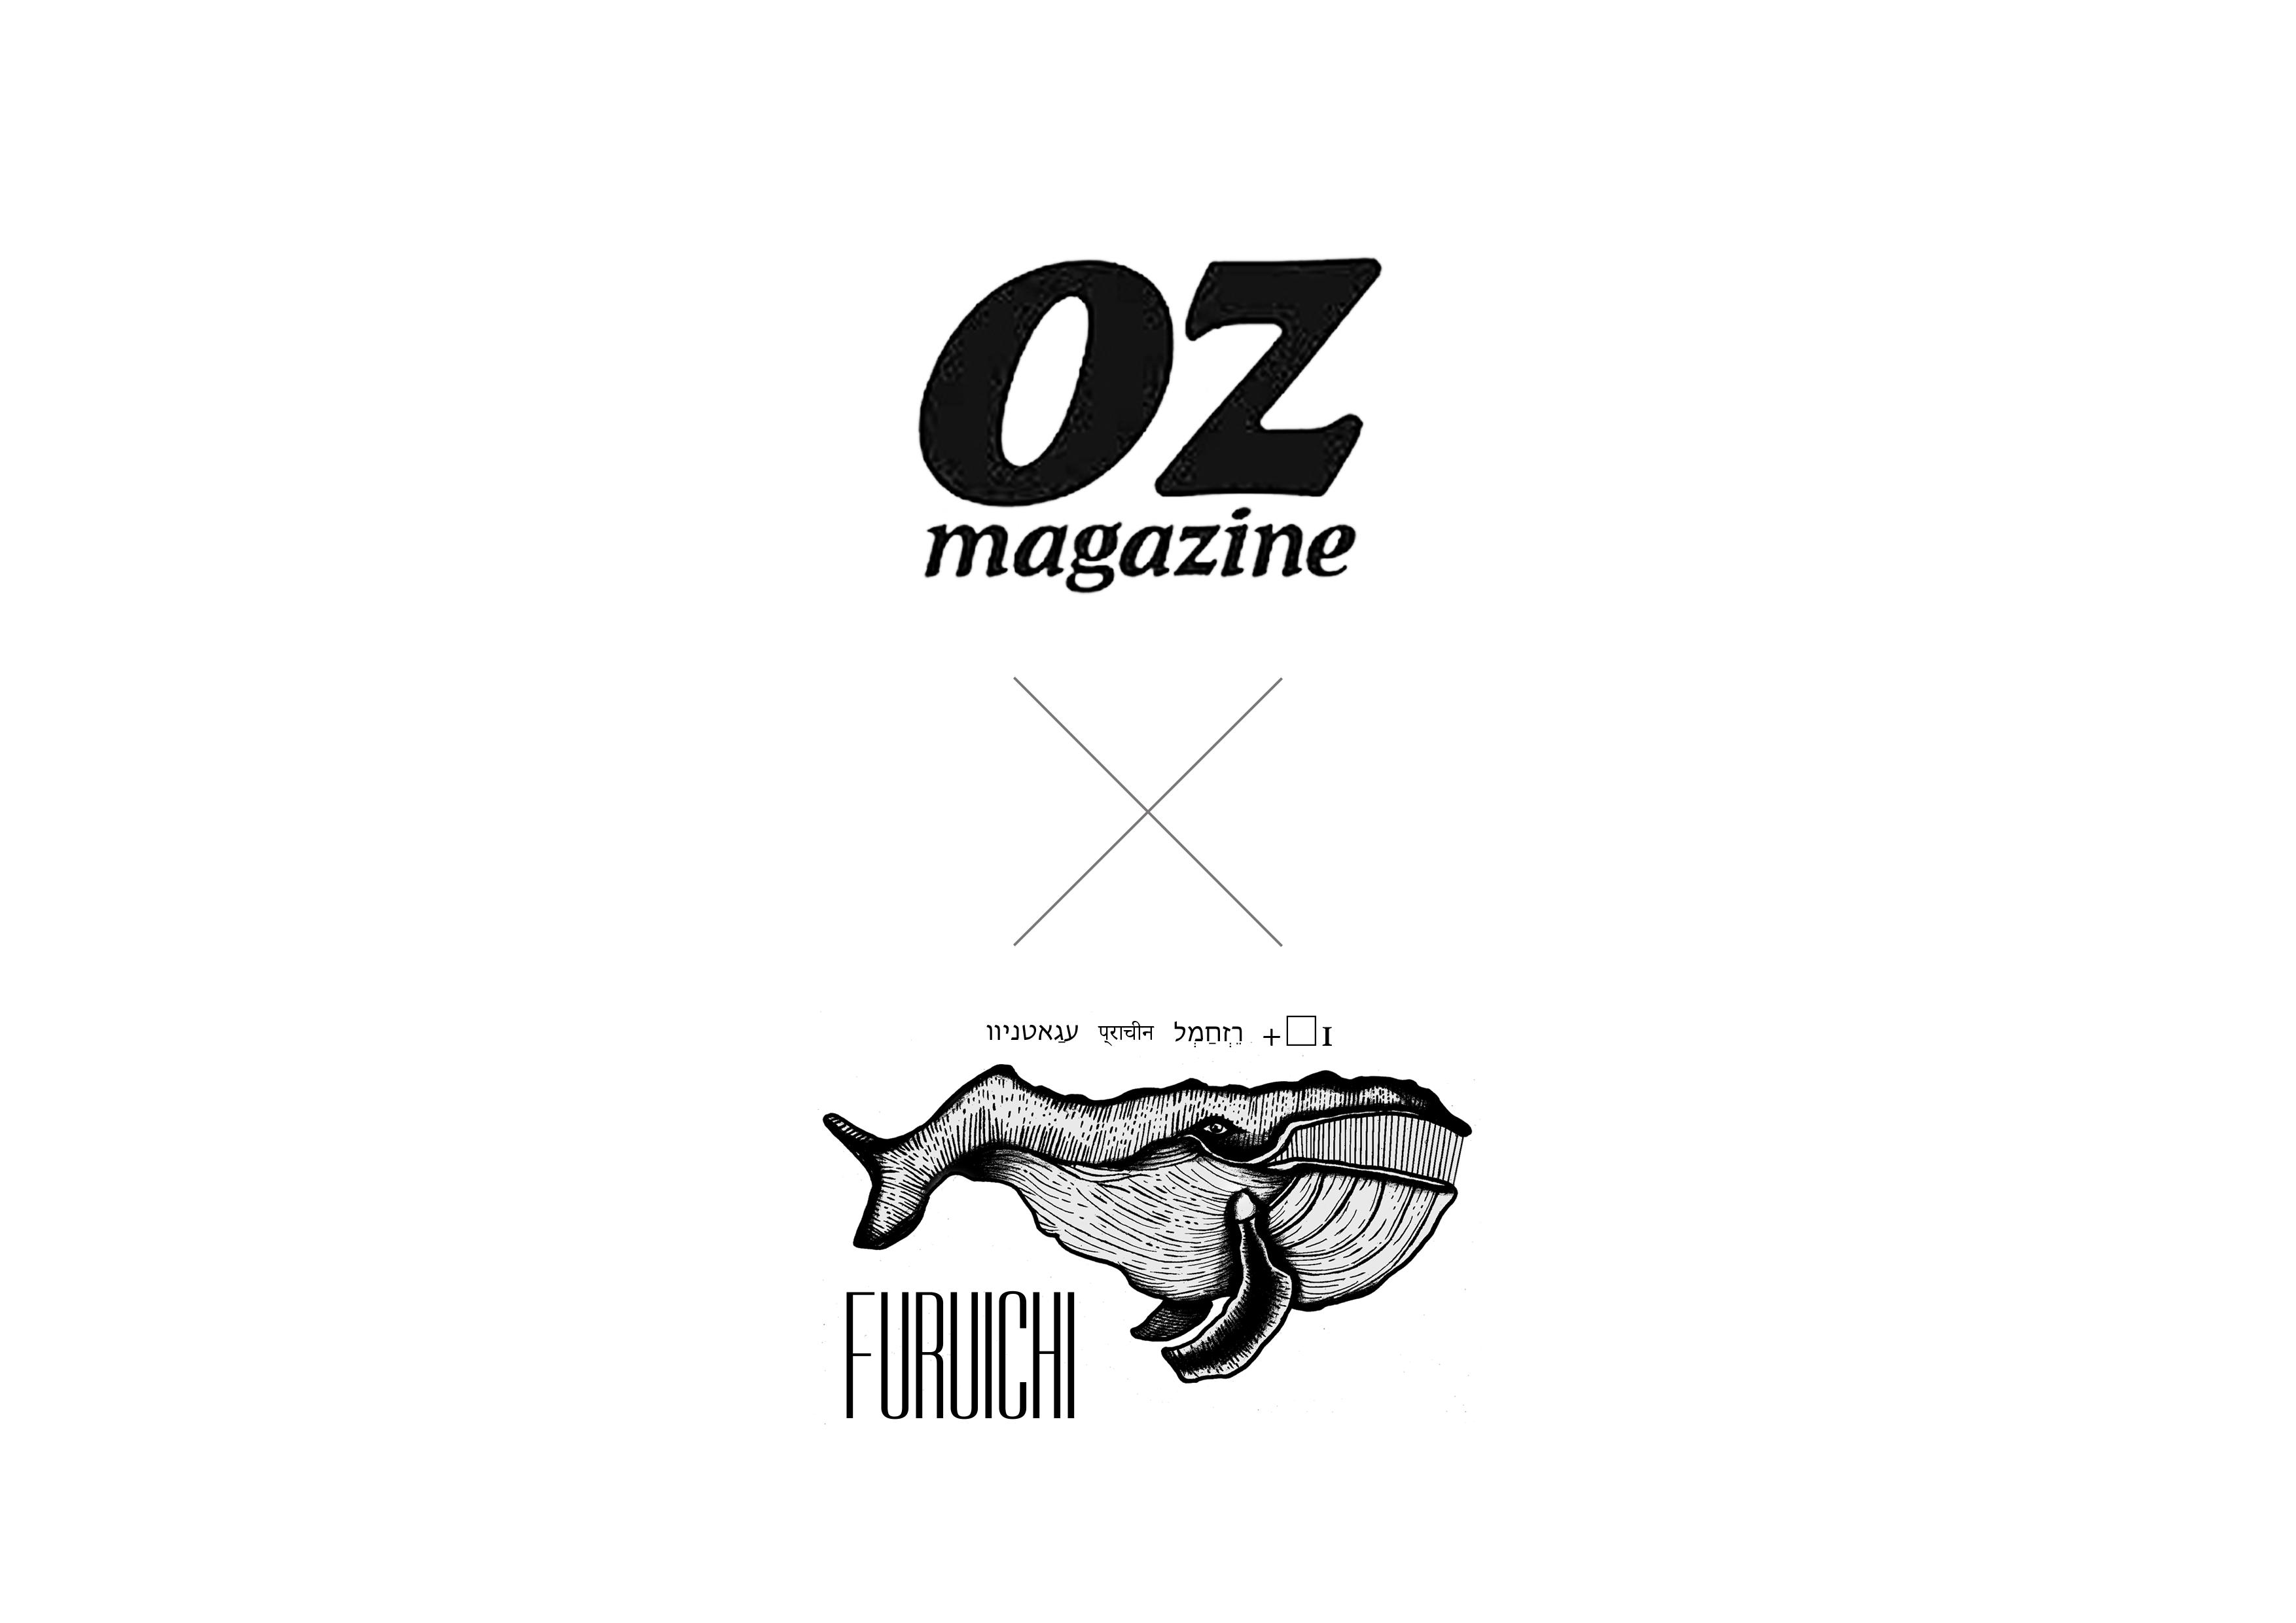 2月号の特集内容は「ひとり東京さんぽ」。都内のお散歩エリアを10数か所をピックアップ。各エリアにつき飲食店、雑貨店などの「気になるお店」と、そのエリアの見どころ、楽しみ方をご提案。そして、特集内の「阿佐ヶ谷エリア」ページにて古一を紹介して頂いております!スターツ出版株式会社より発行されている「OZ magazine」は、amazon.comや楽天ブックス等のオンラインストアや書店にてお取り扱いしております。~【東京都杉並区阿佐ヶ谷北アンティークショップ 古一/ZACK高円寺店】 古一では出張無料買取も行っております。杉並区周辺はもちろん、世田谷区・目黒区・武蔵野市・新宿区等の東京近郊のお見積もりも!ビンテージ家具・インテリア雑貨・ランプ・USED品・ リサイクルなら古一へ~